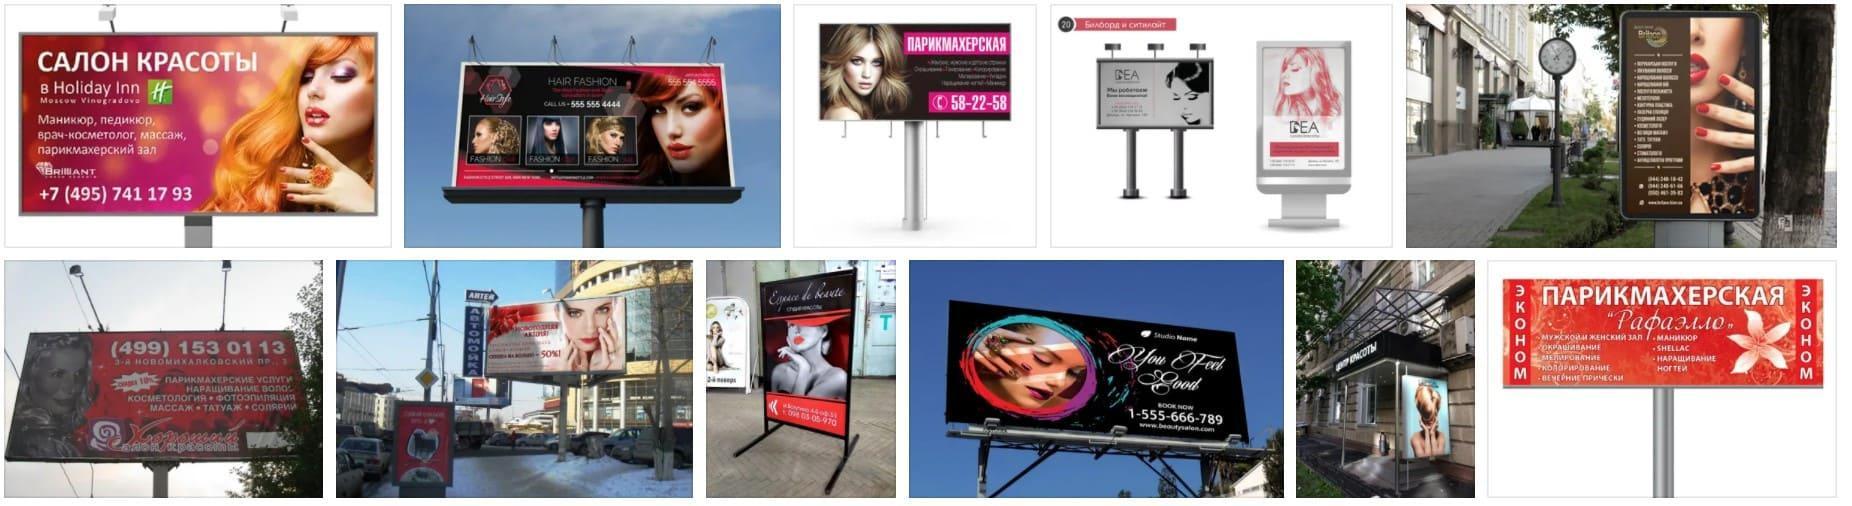 Реклама салона красоты. Полный гайд по продвижению салонов красоты